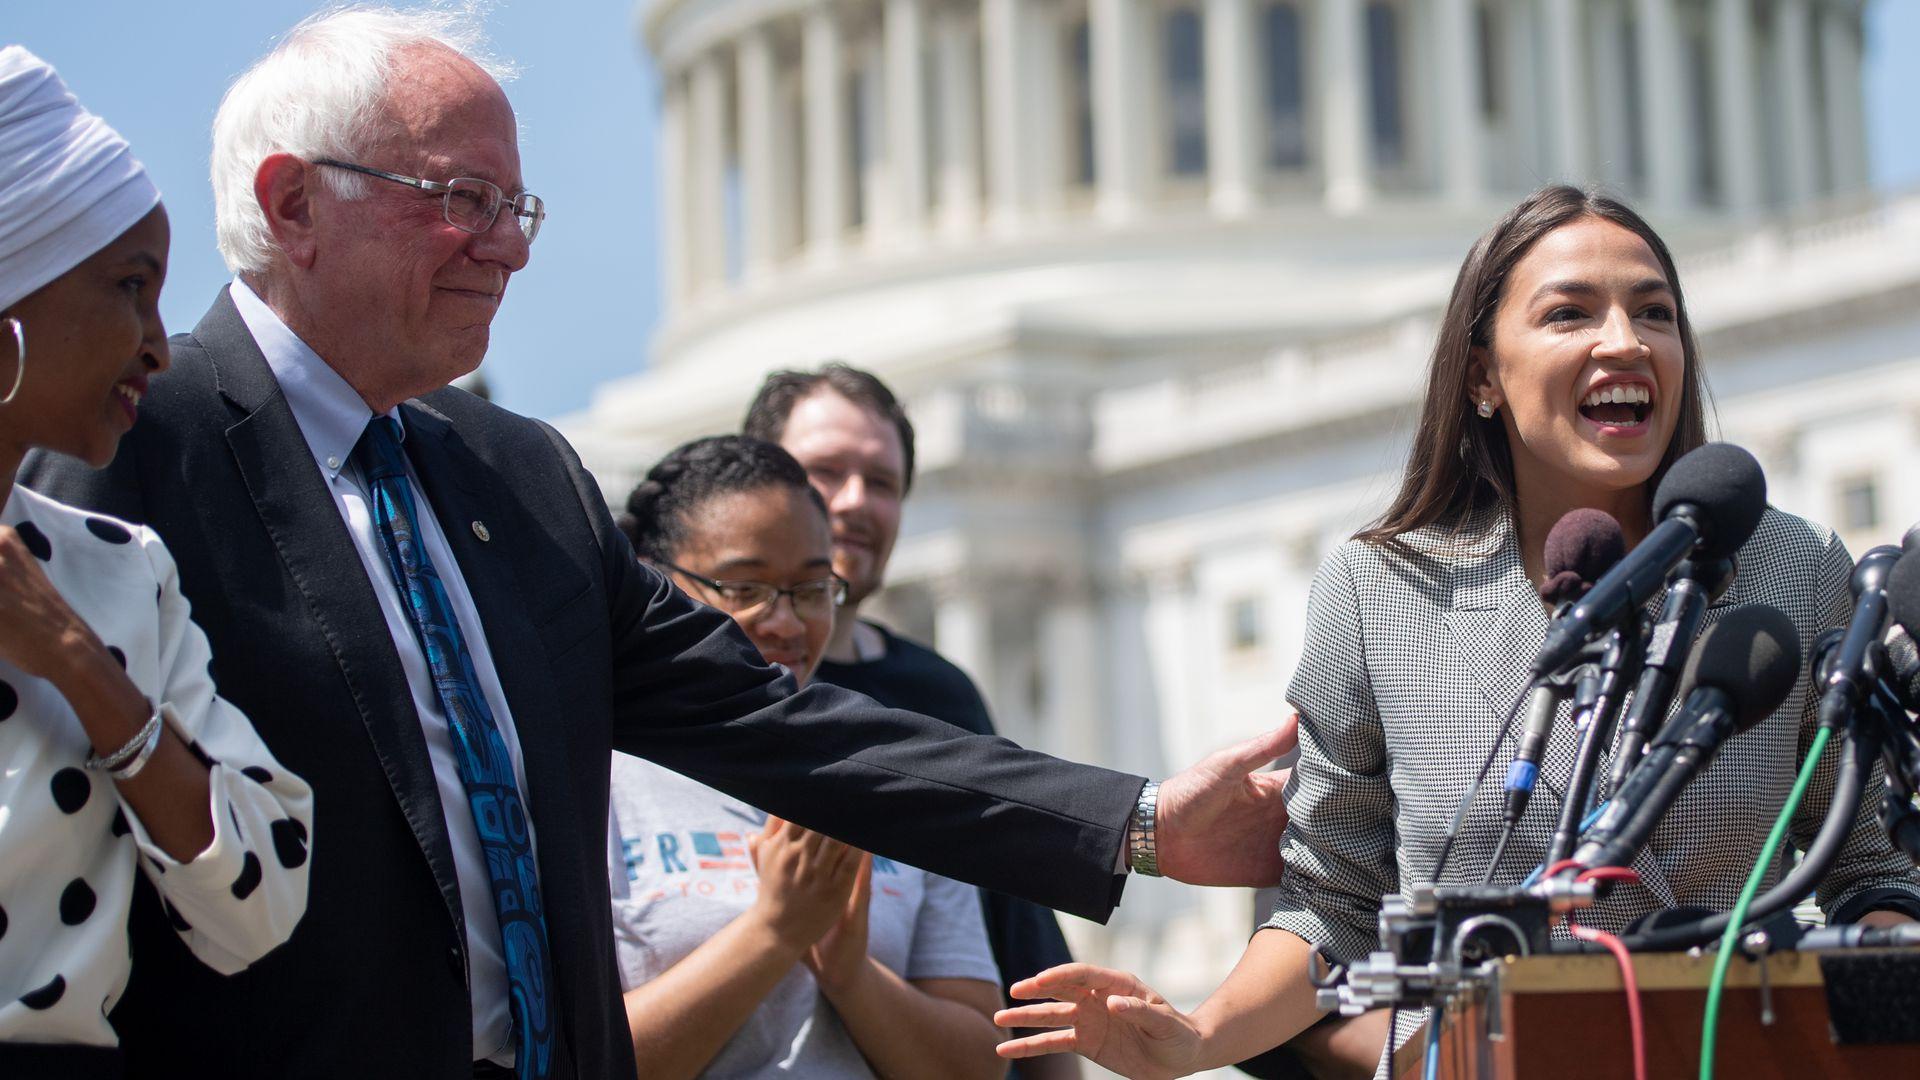 Alexandria com o senador do Vermont e candidato presidencial Bernie Sanders [Foto: Saul Loeb/Getty Images]